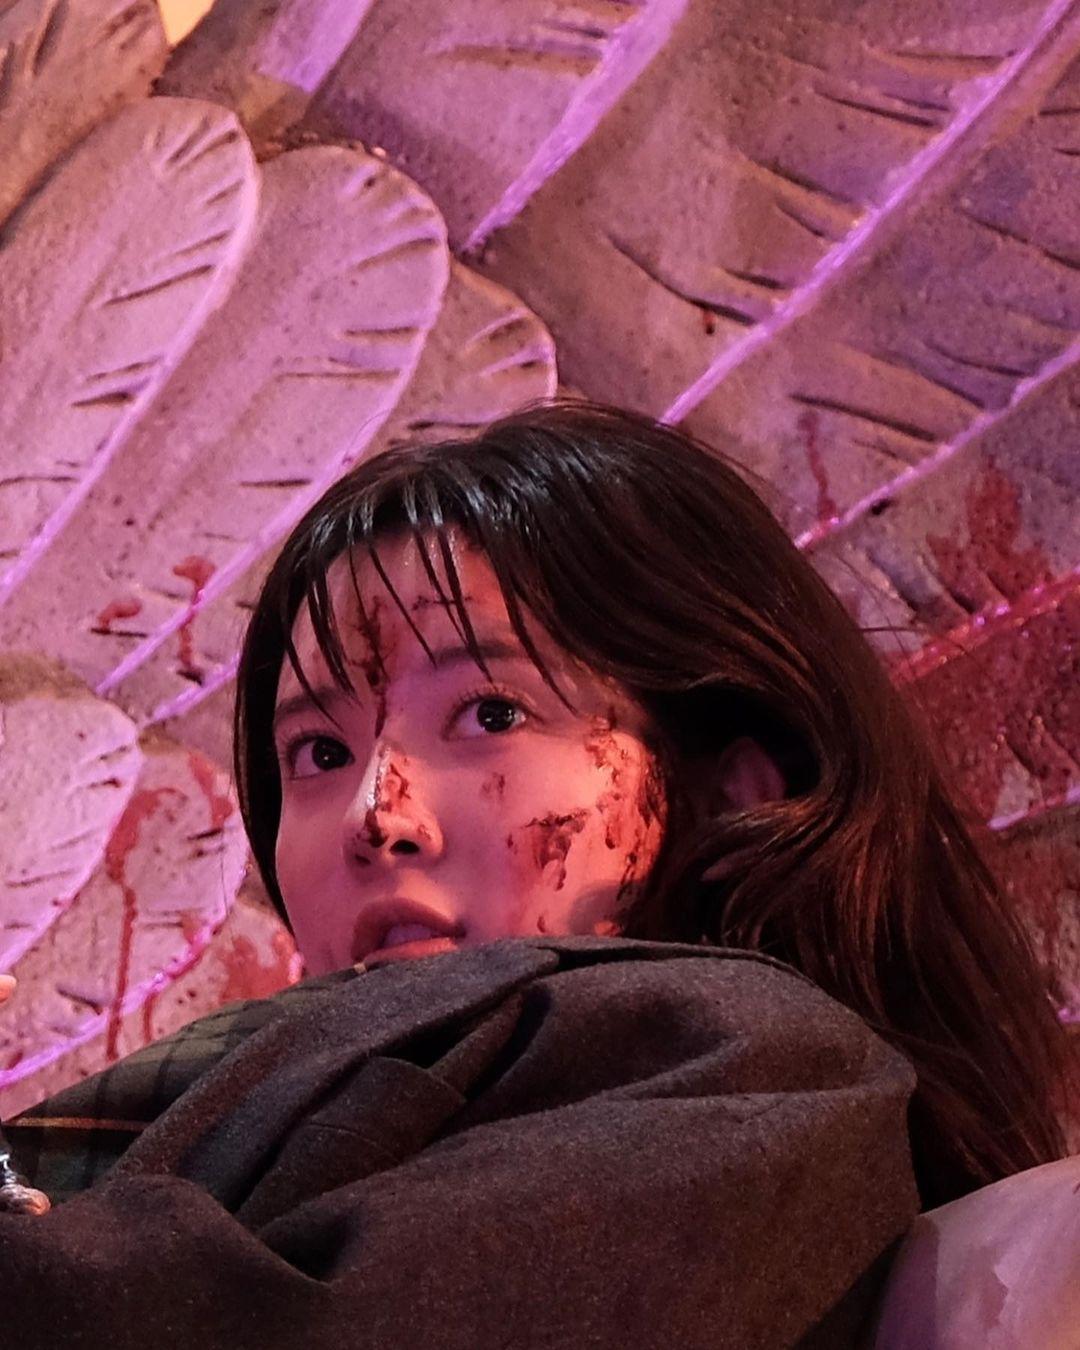 《顶楼》剧本遭流出?第三季结局还原秀莲&敏雅死亡真相